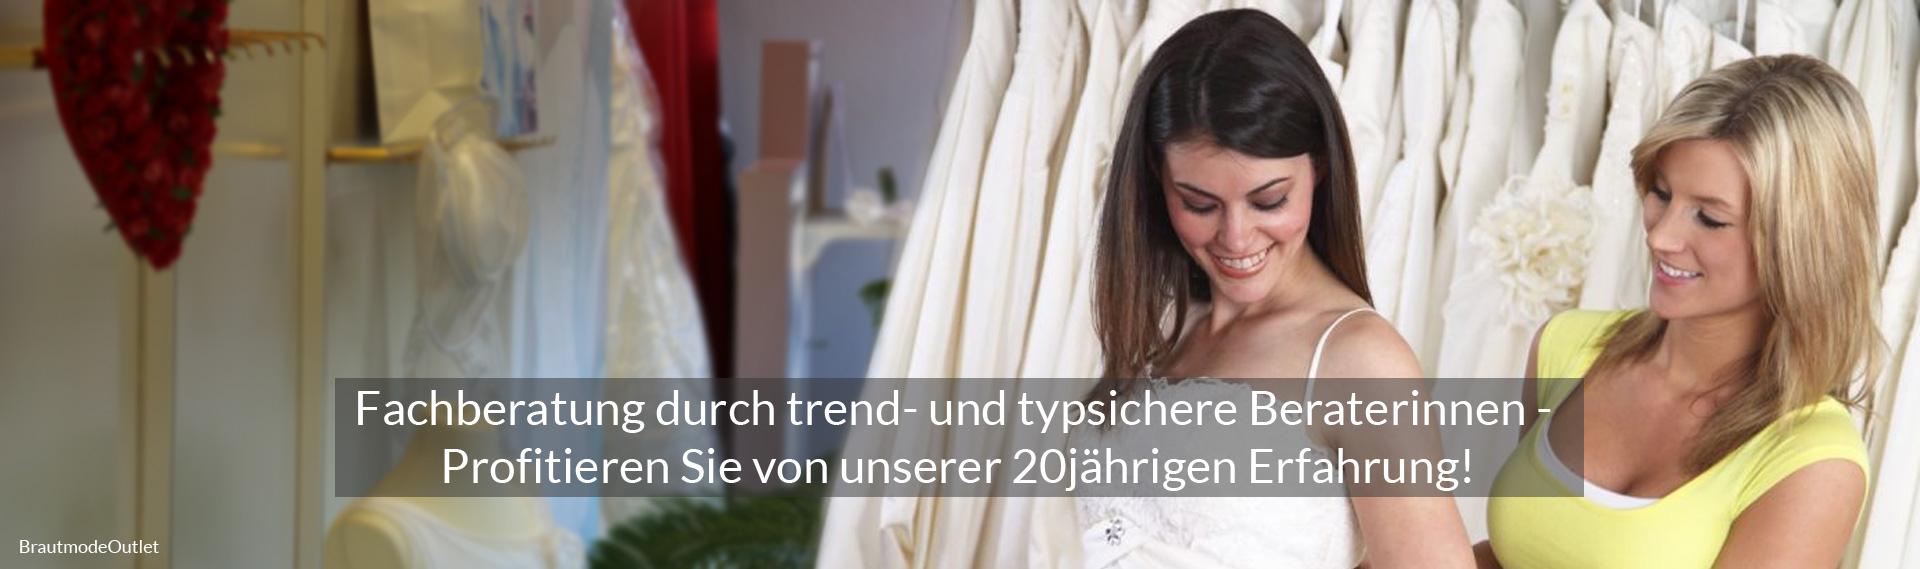 BrautmodeOutlet Bautzen Outlet Brautmode Fachberatung Brautkleider